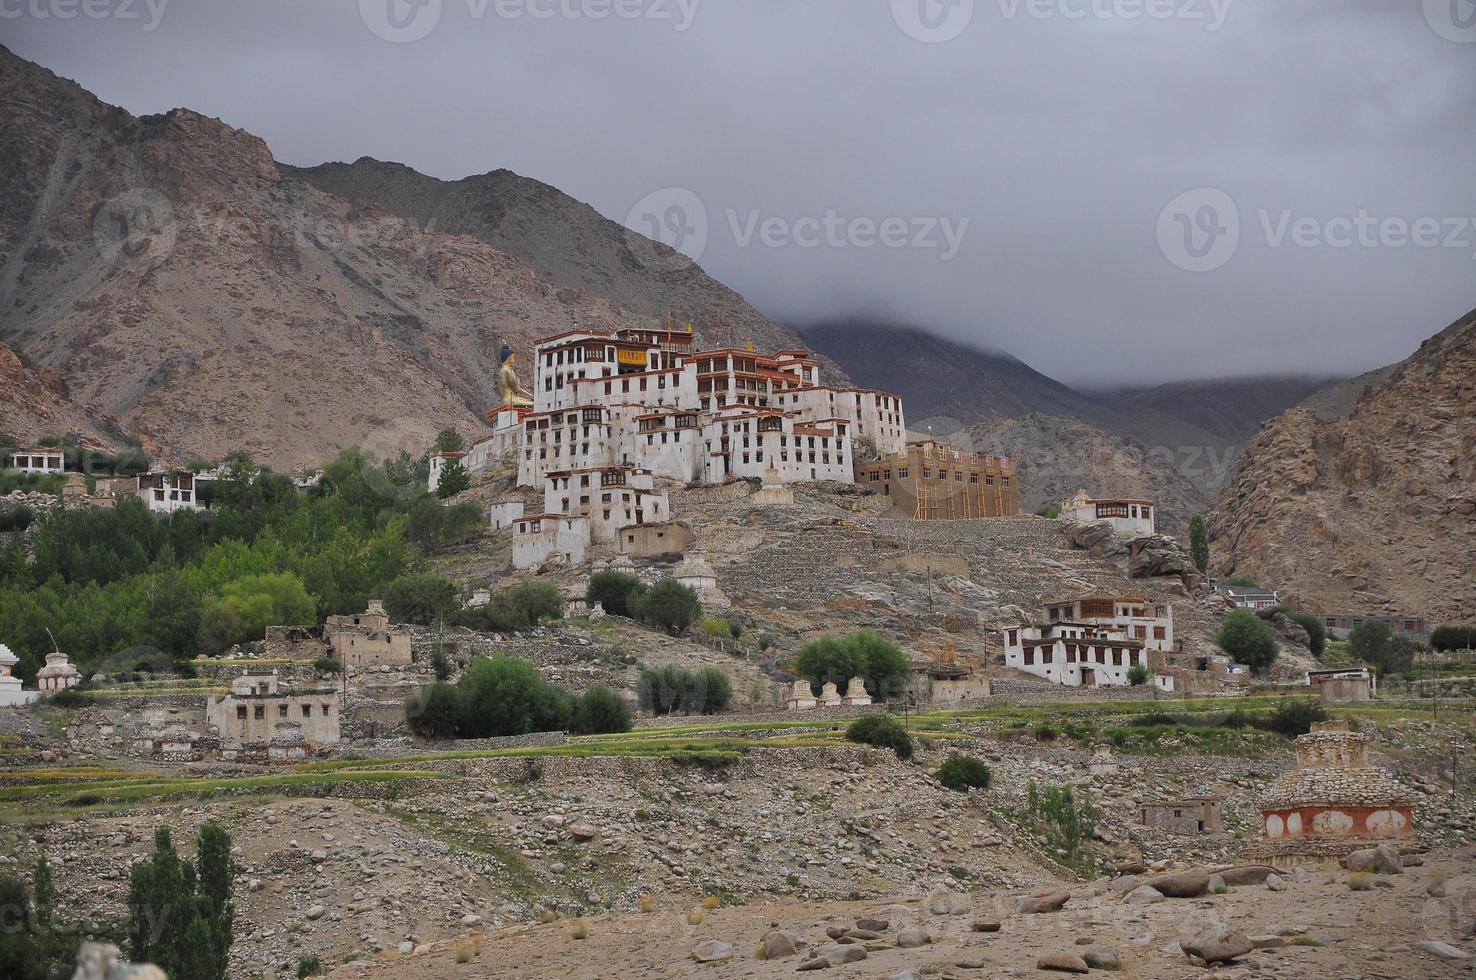 wie Kloster foto